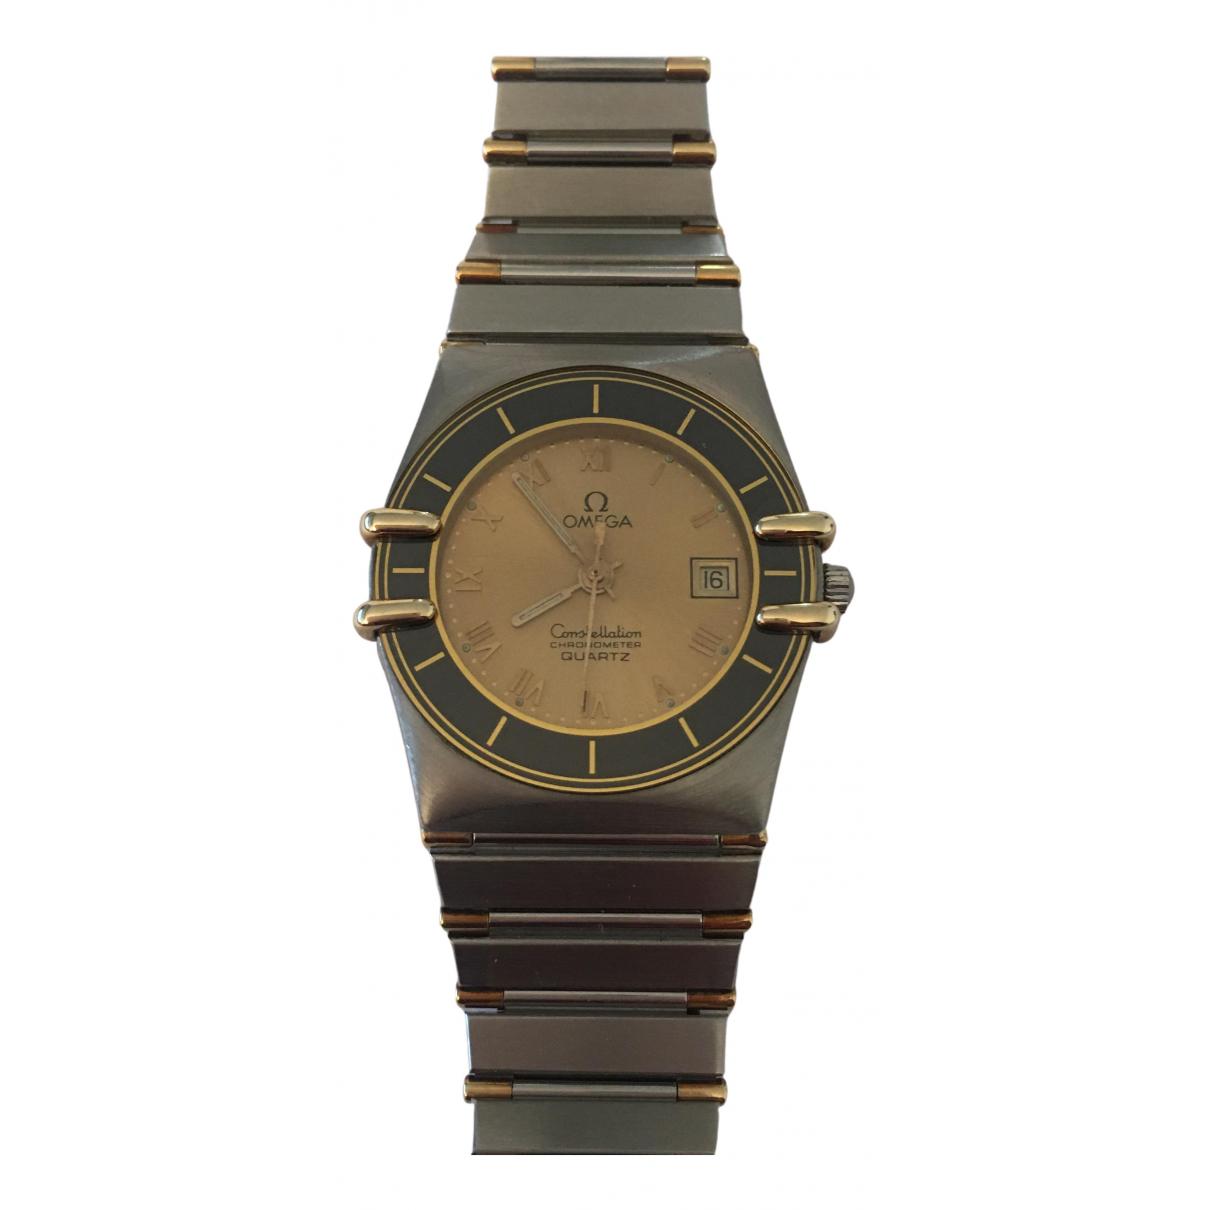 Omega - Montre Constellation pour femme en plaque or - argente